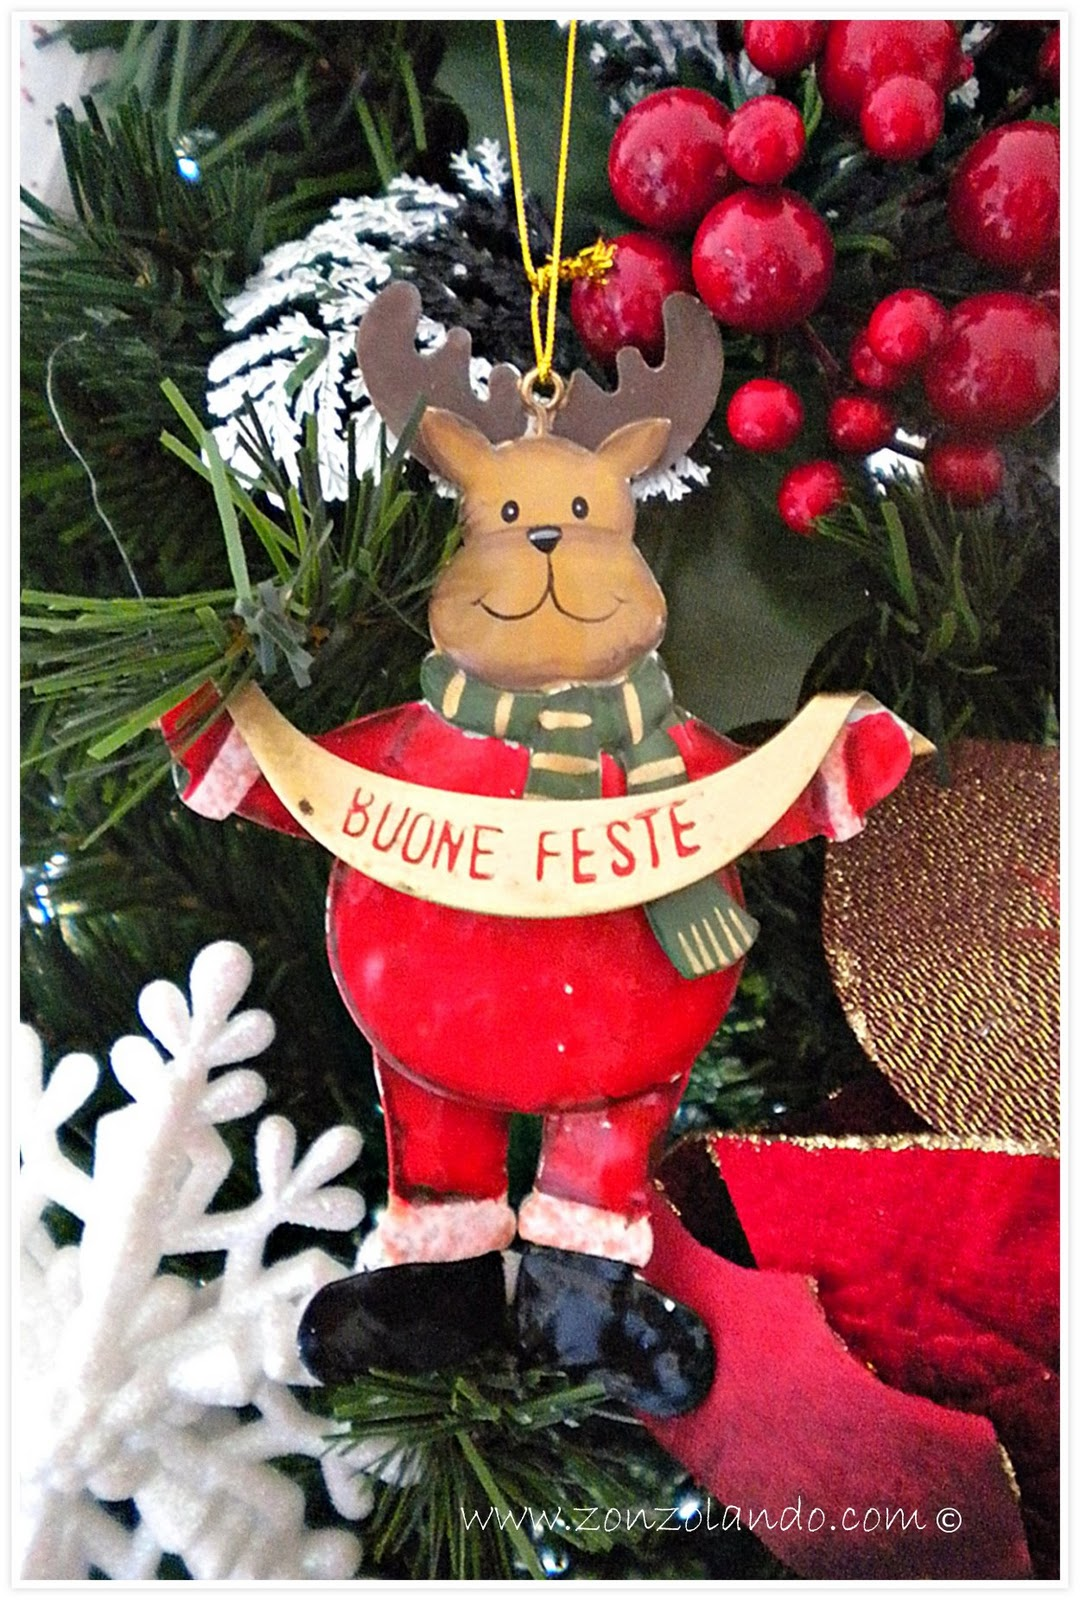 Buone feste 2011 - Merry Christmas 2011